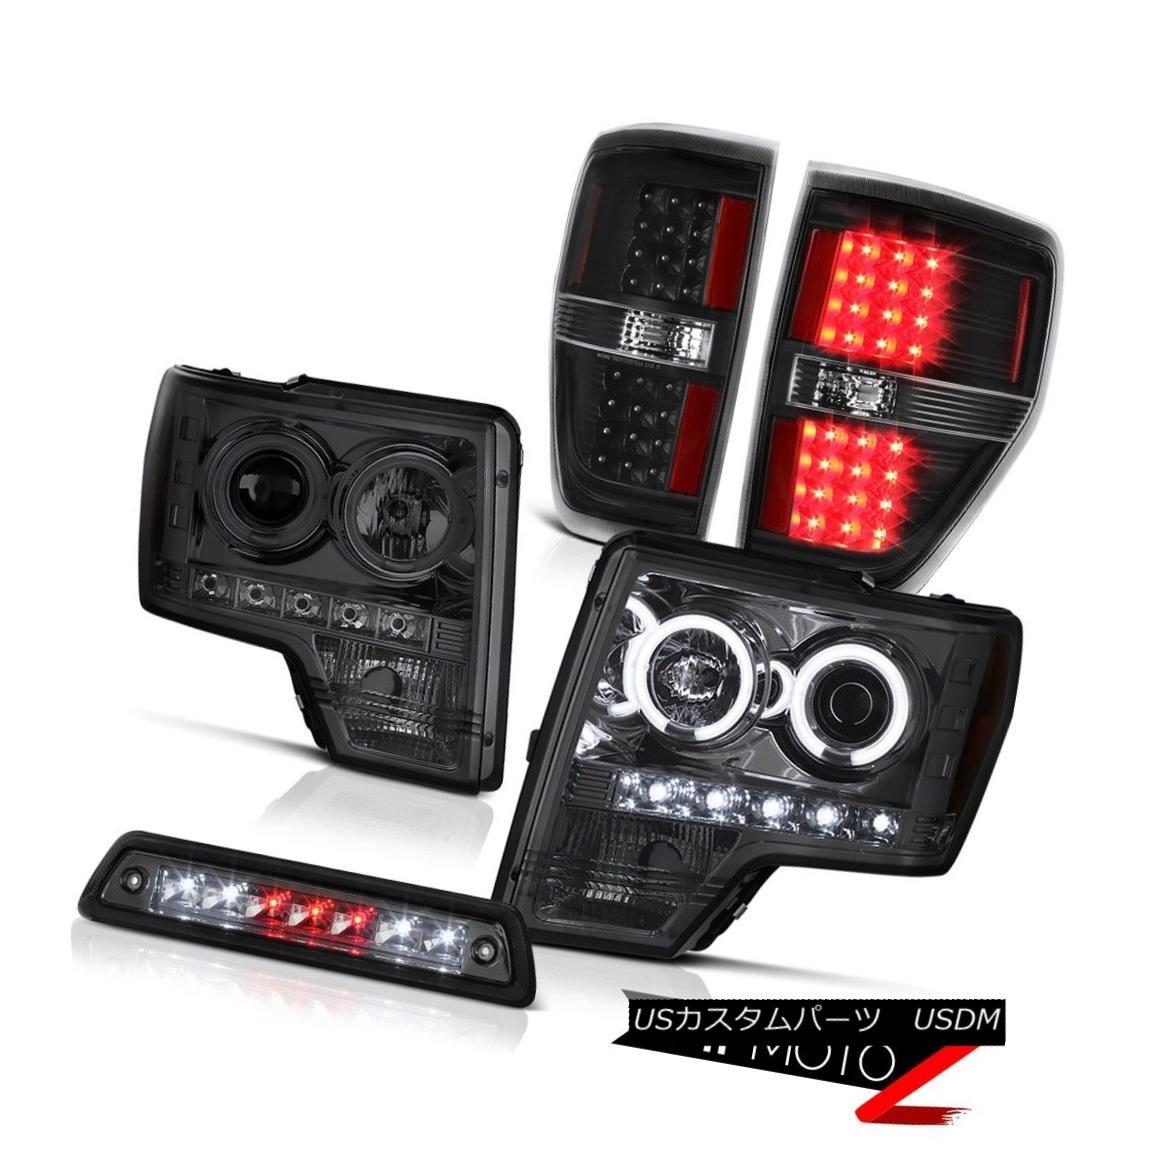 テールライト 2009-2014 F150 5.0L Roof cab lamp matte black taillights headlamps LED Newest 2009-2014 F150 5.0Lルーフキャブ・ランプマット・ブラック・テールライトヘッドランプLED最新